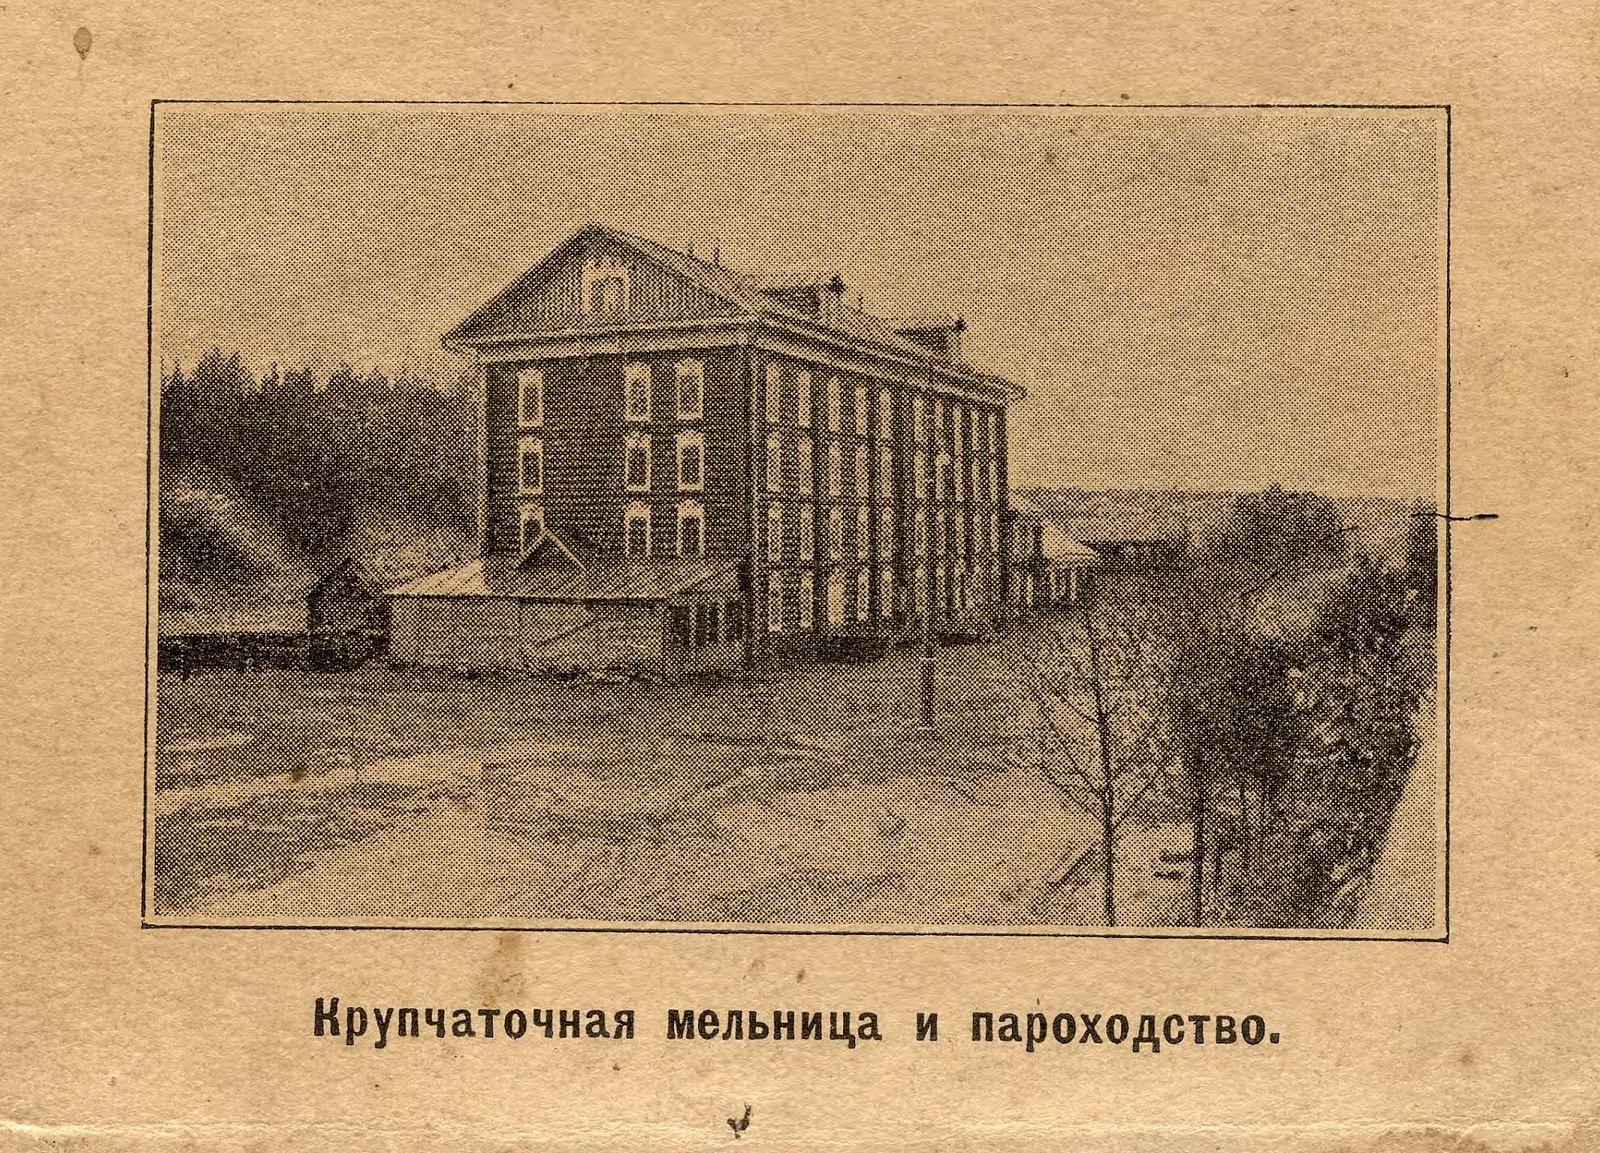 1880. Визитная карточка В.А. Горохова